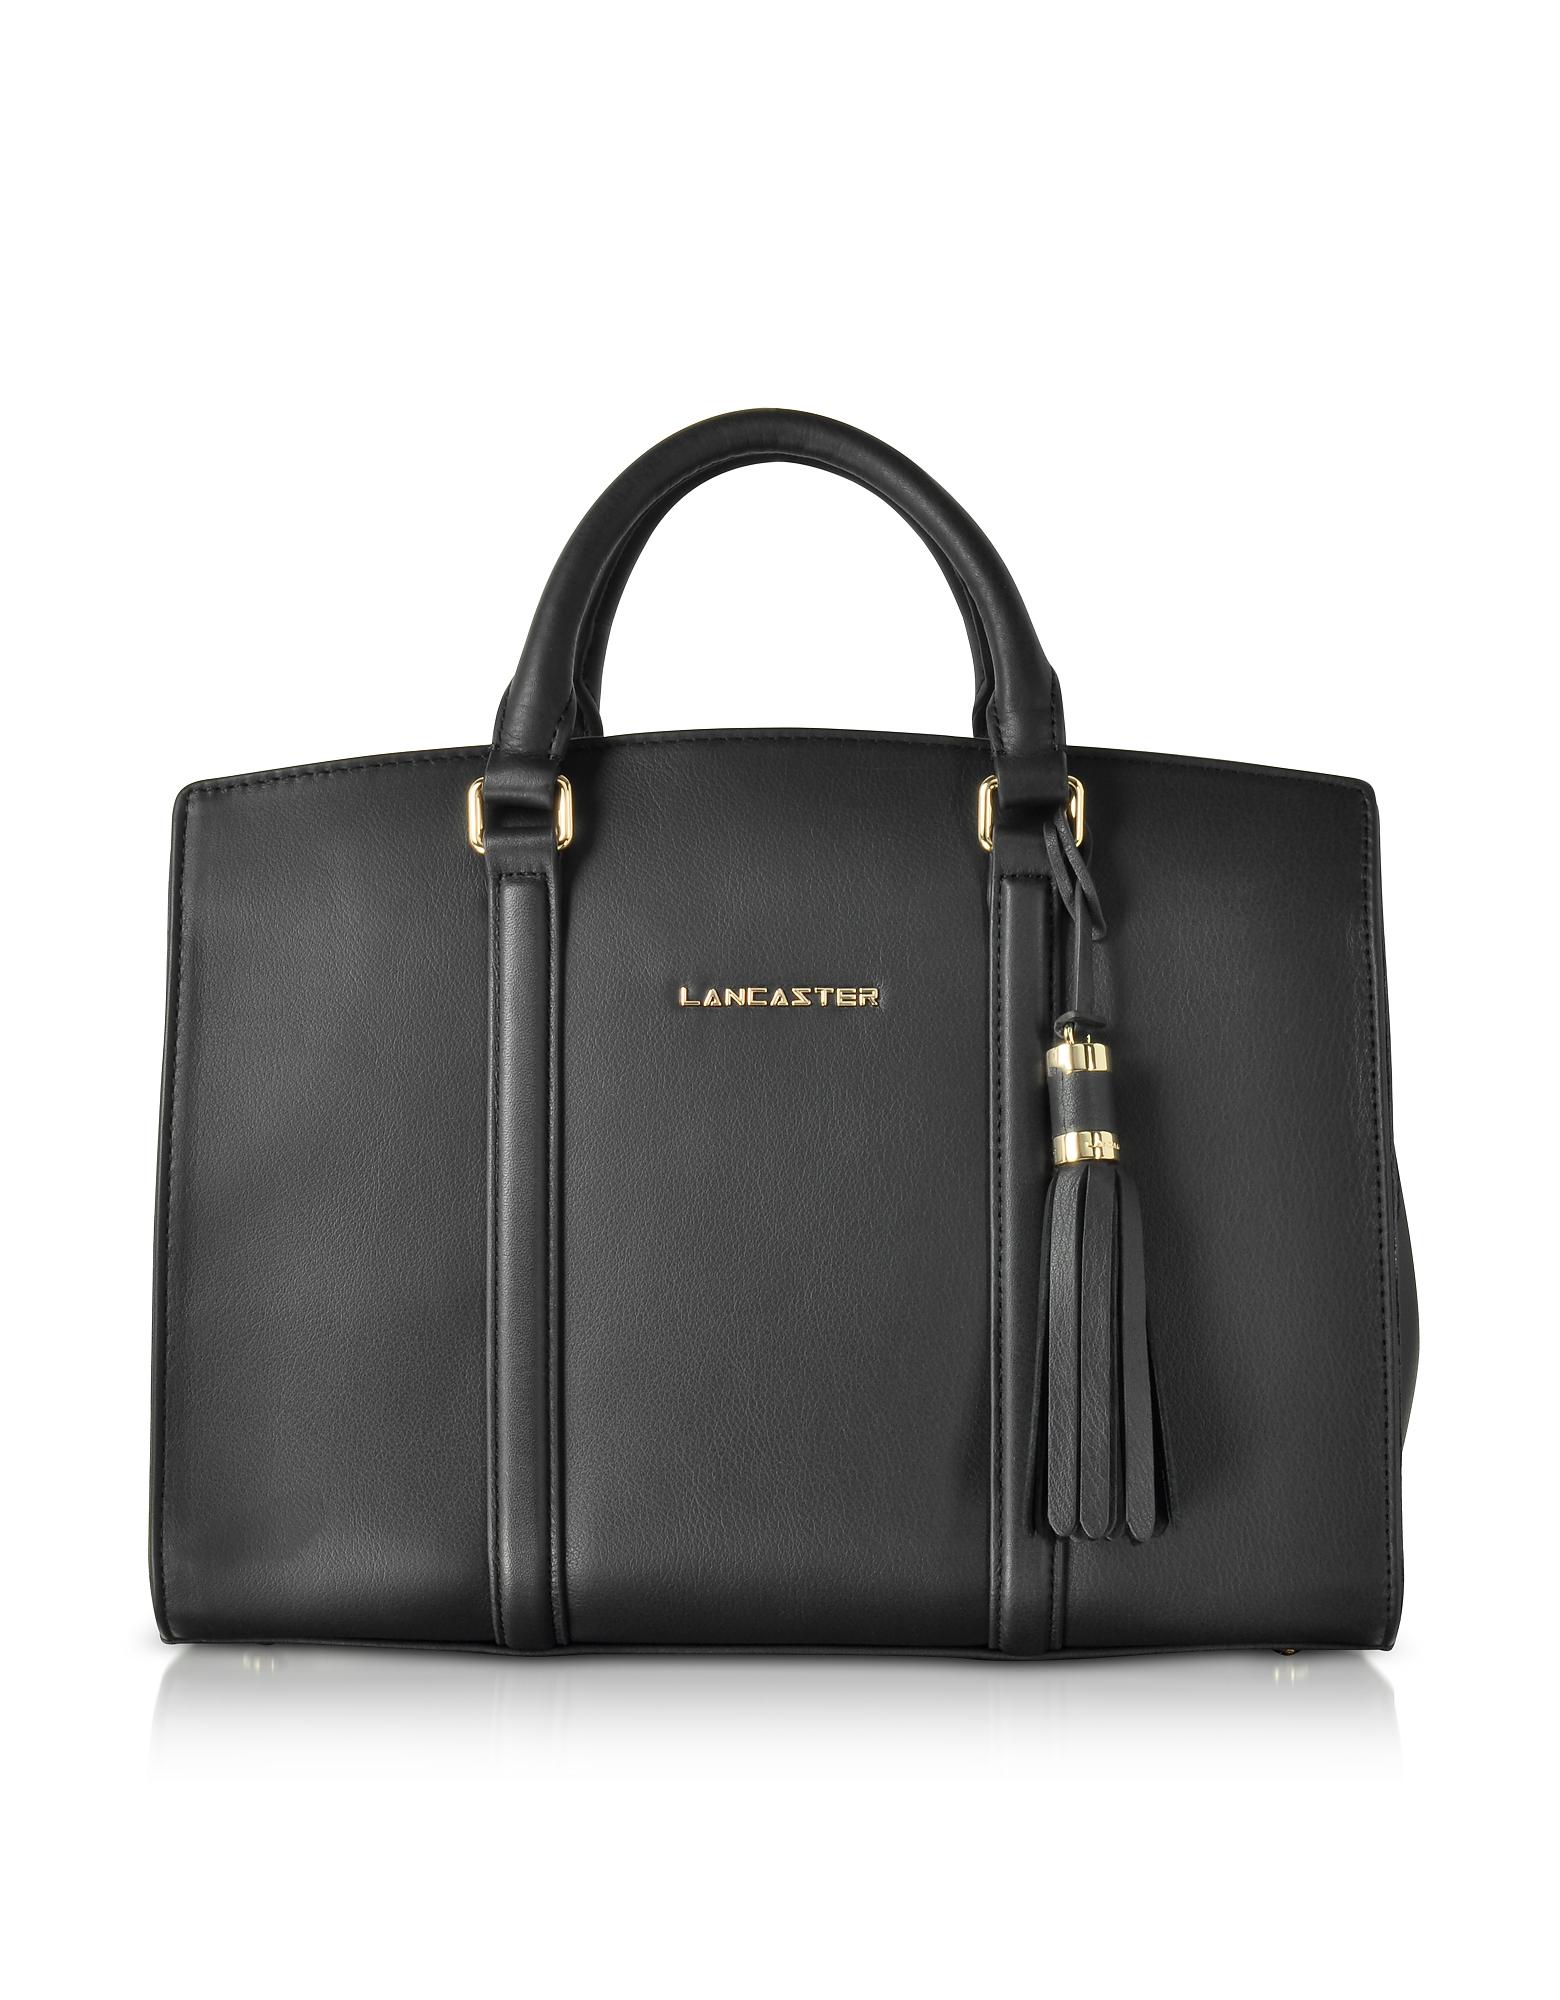 Mademoiselle Ana Black Leather Large Satchel Bag